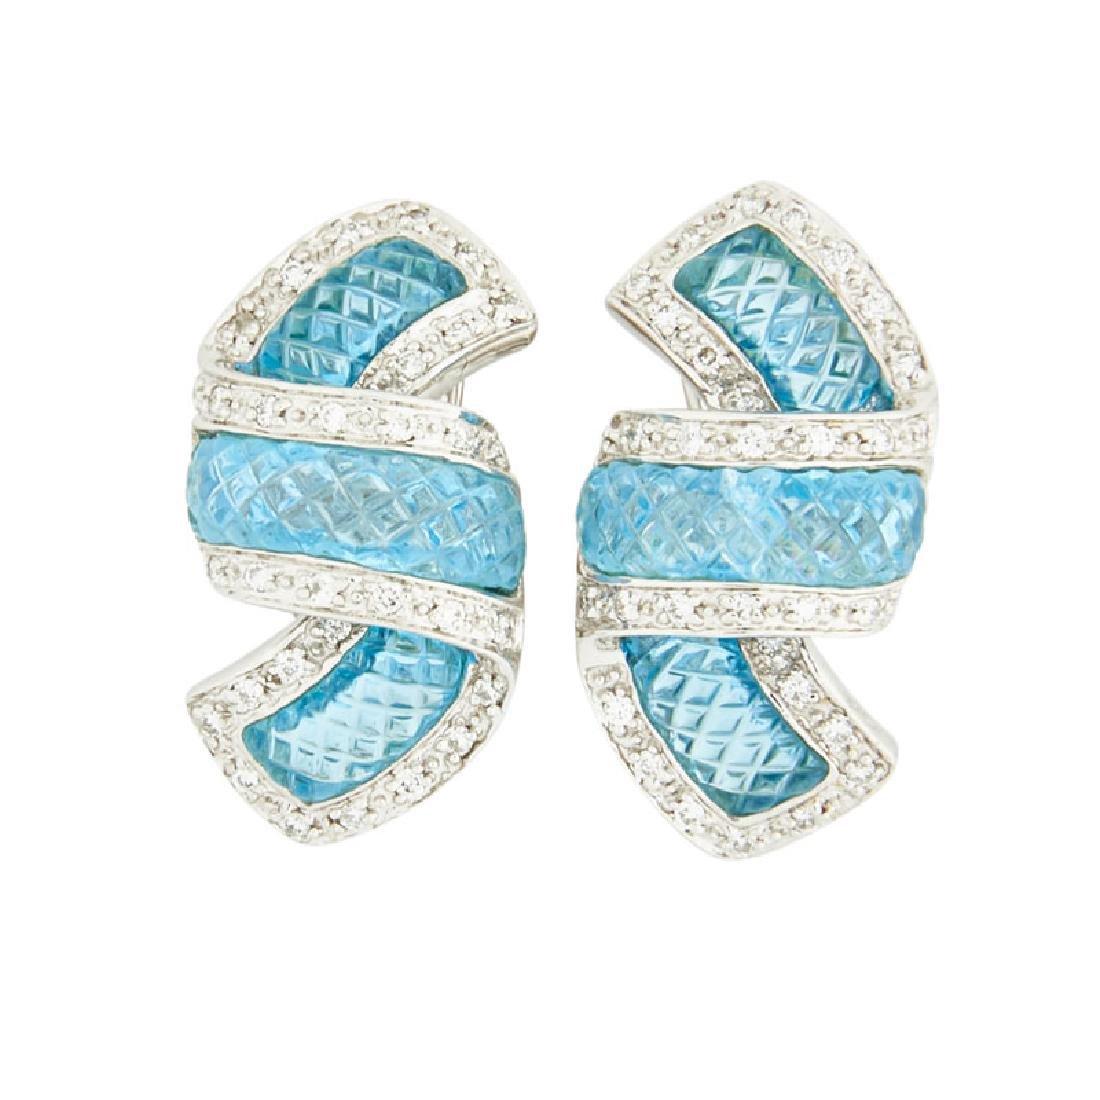 BLUE TOPAZ, DIAMOND & WHITE GOLD RIBBON EARRINGS